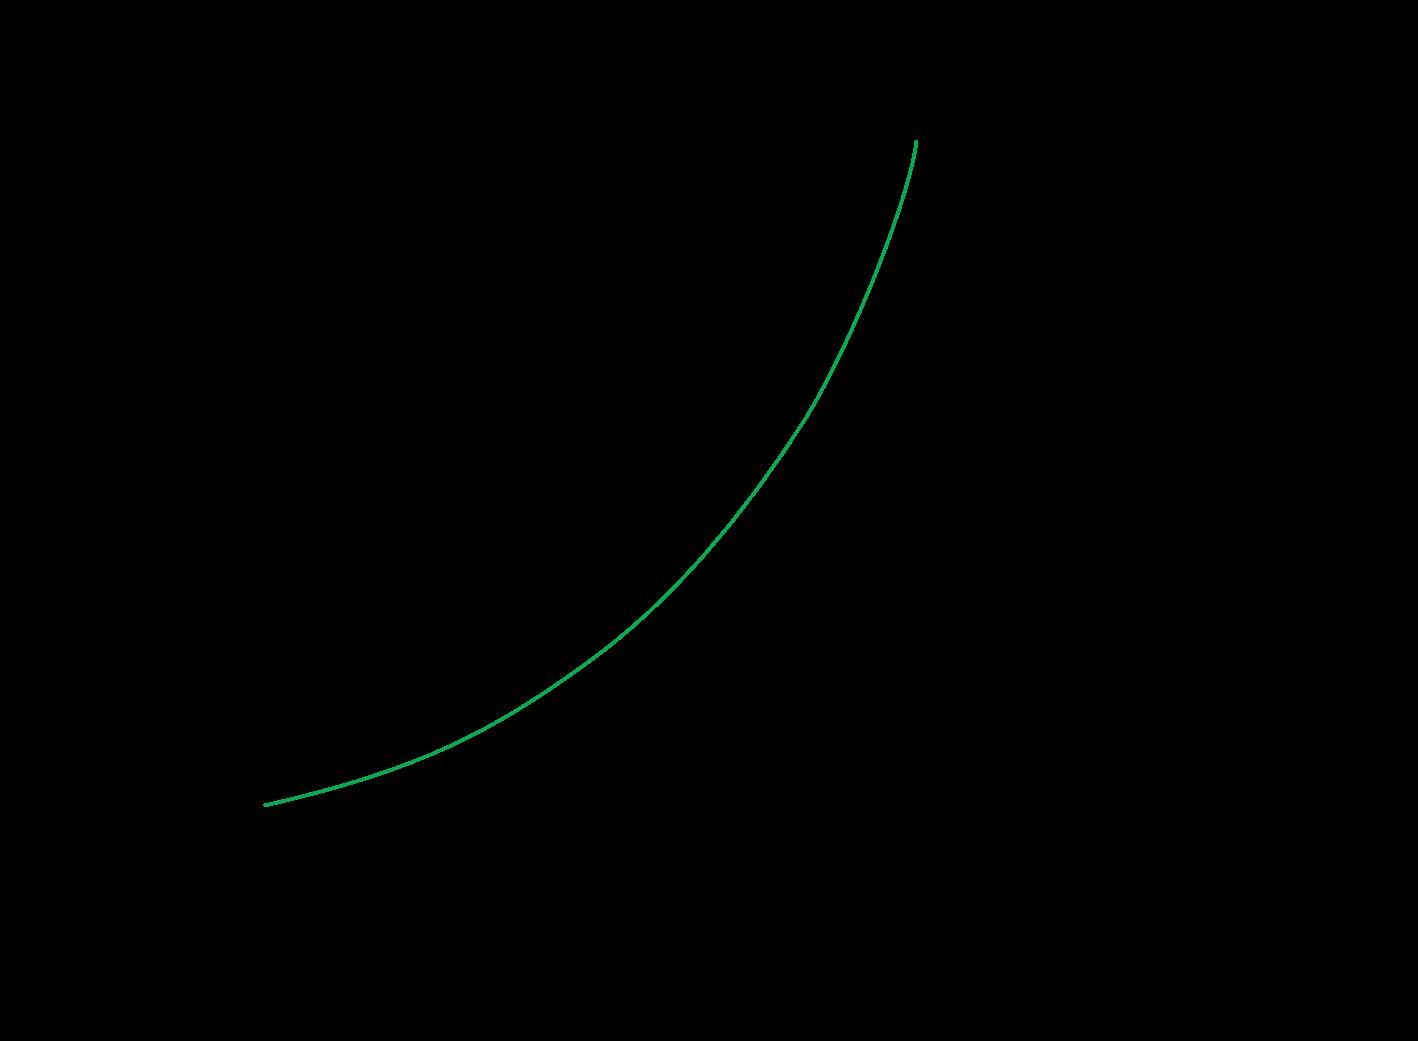 加速停止距離のグラフ